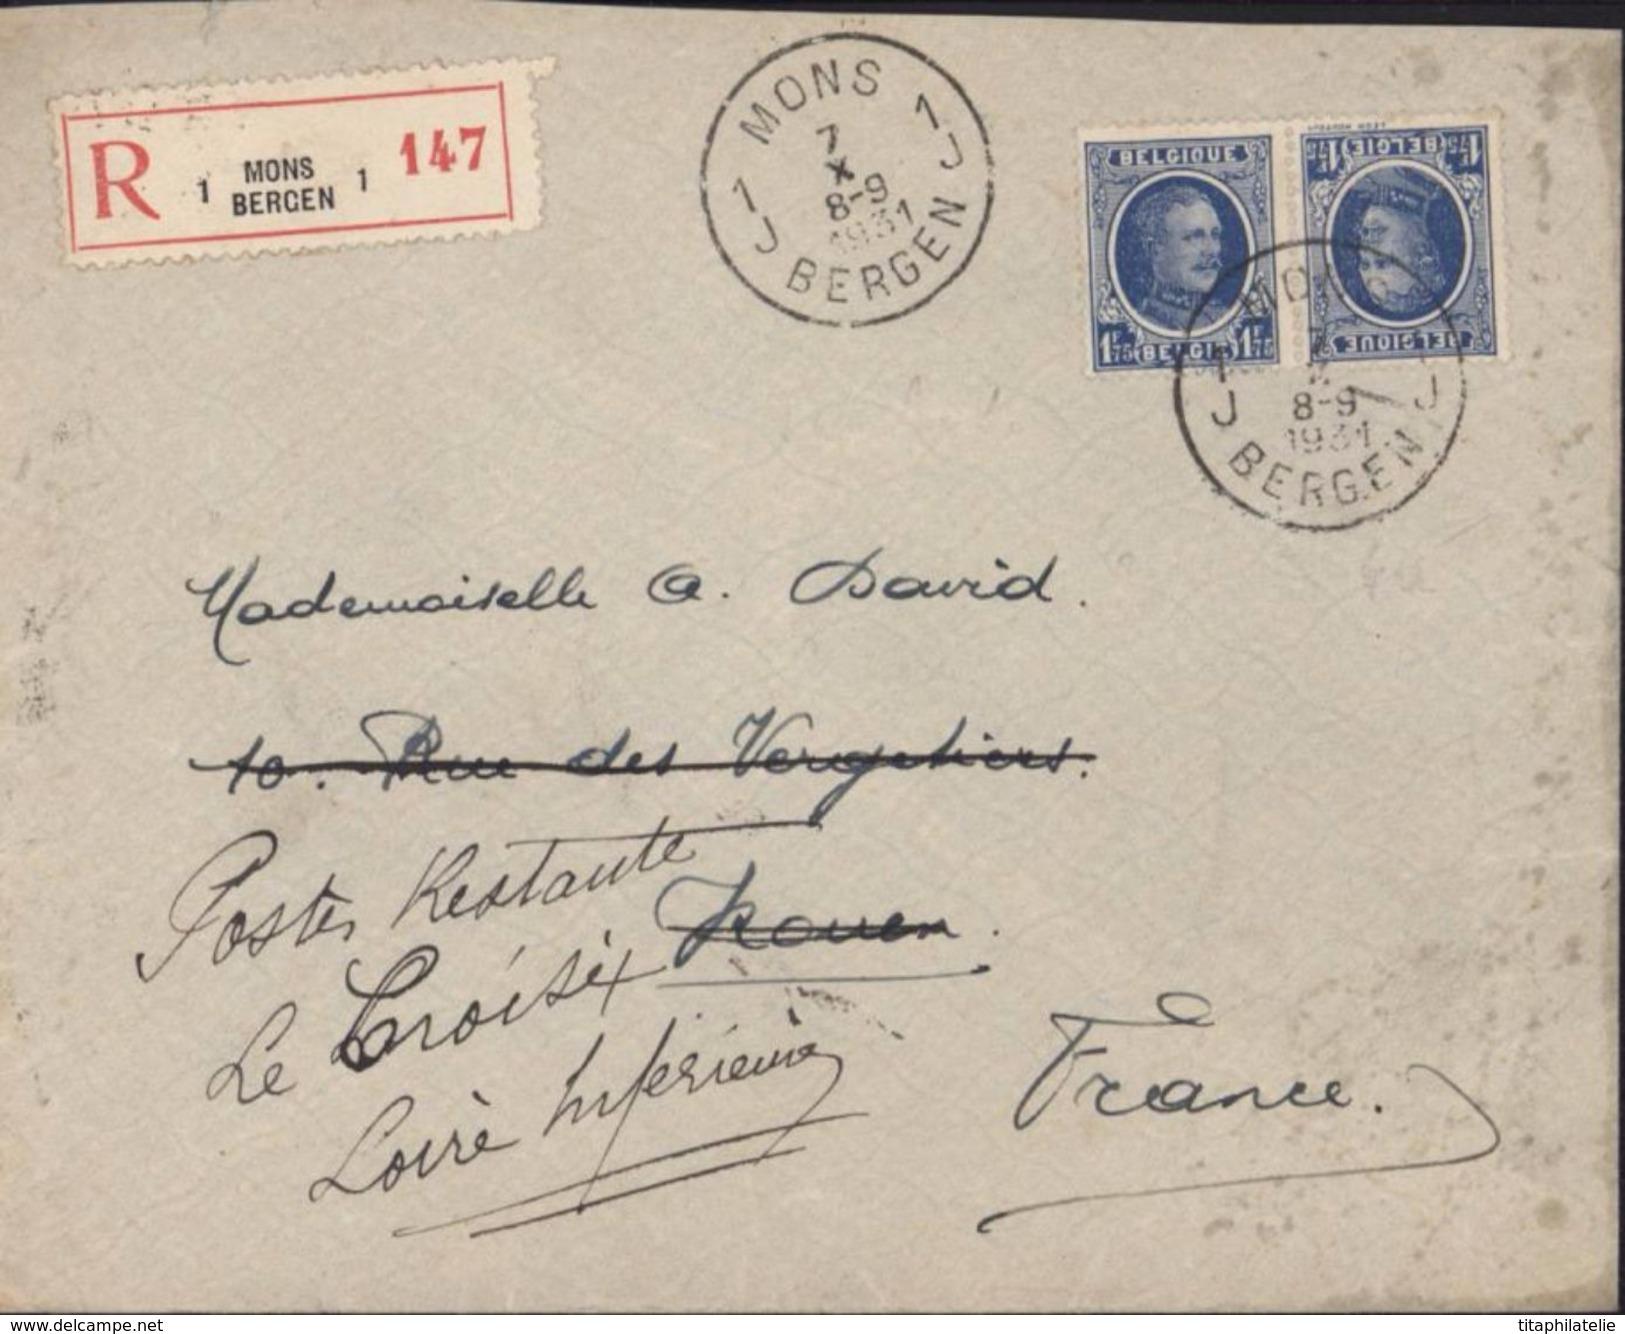 Belgique YT 257 A Tête Beche 1.75F Outremer Type Albert I CAD MONS BERGEN 7 10 31 Recommandé Pour La France Réexpédition - 1915-1920 Albert I